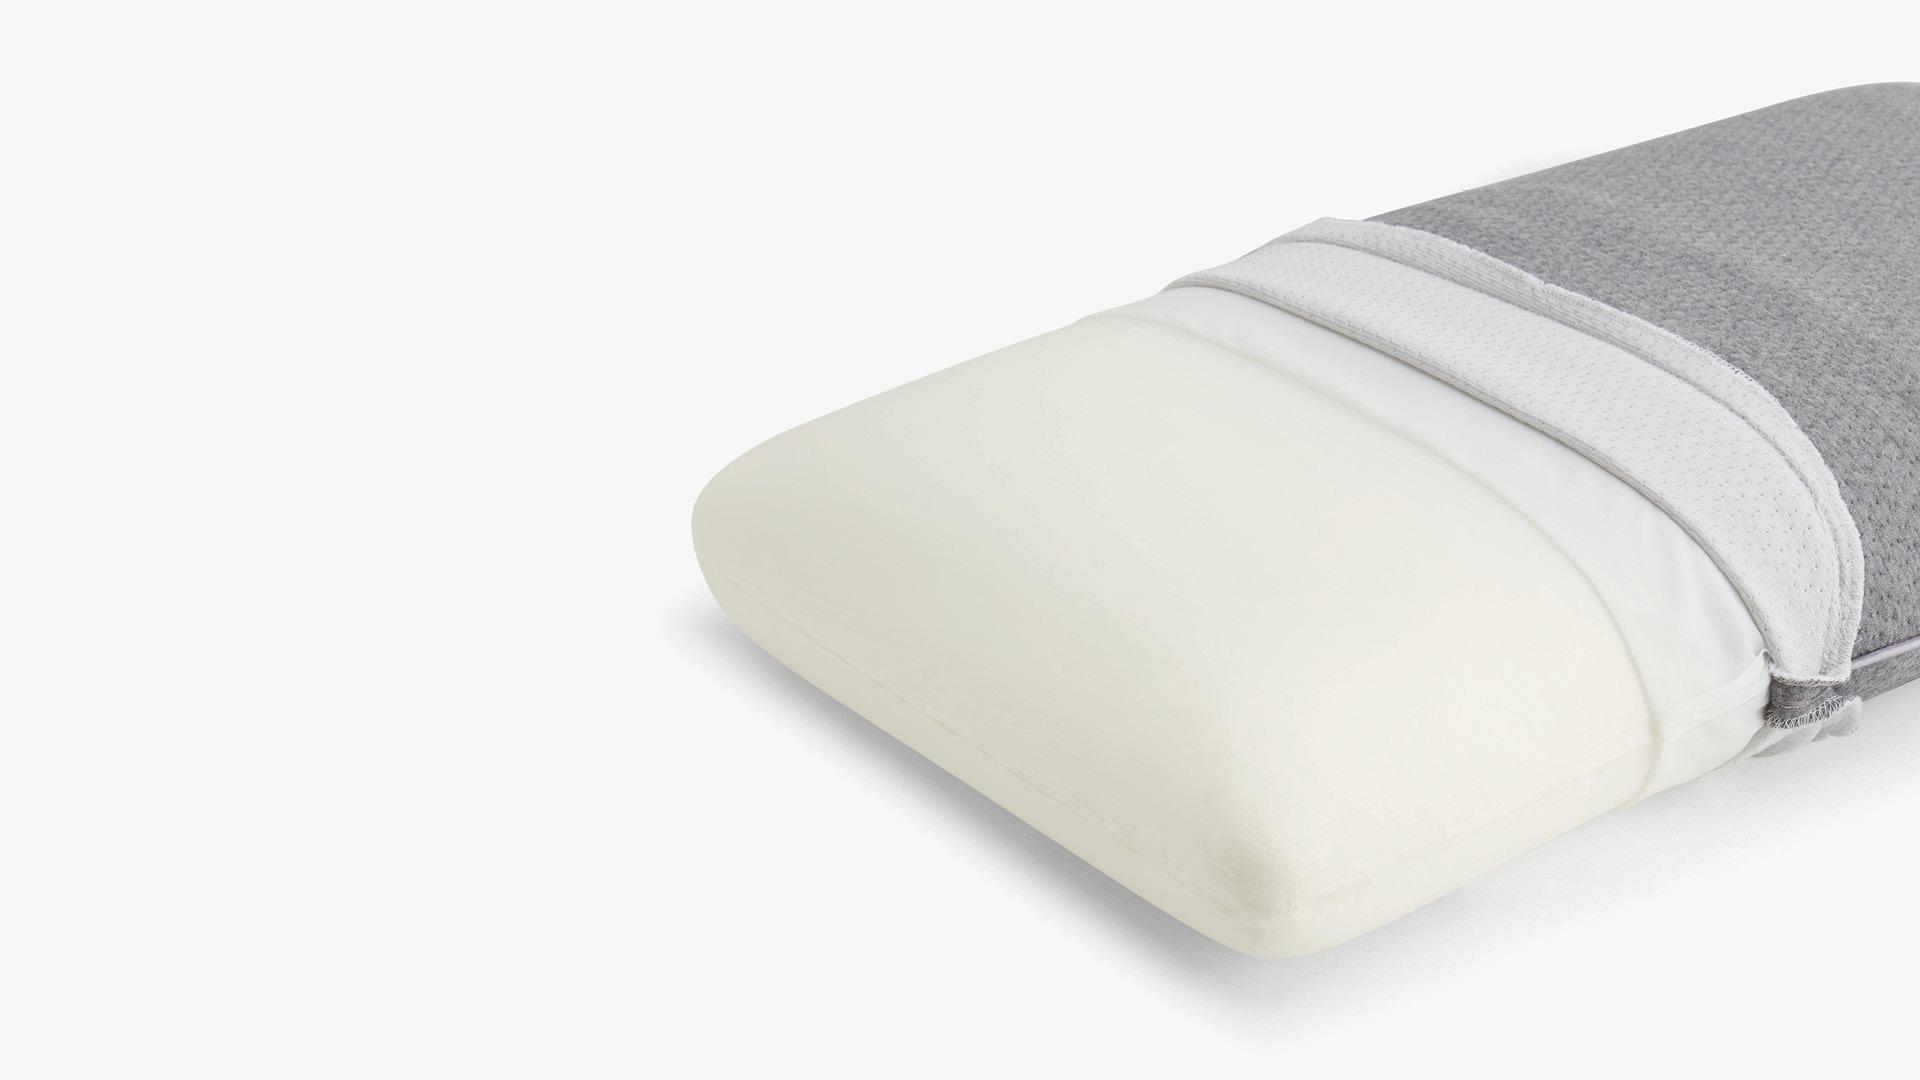 双层枕套设计<br/>有效保护枕芯